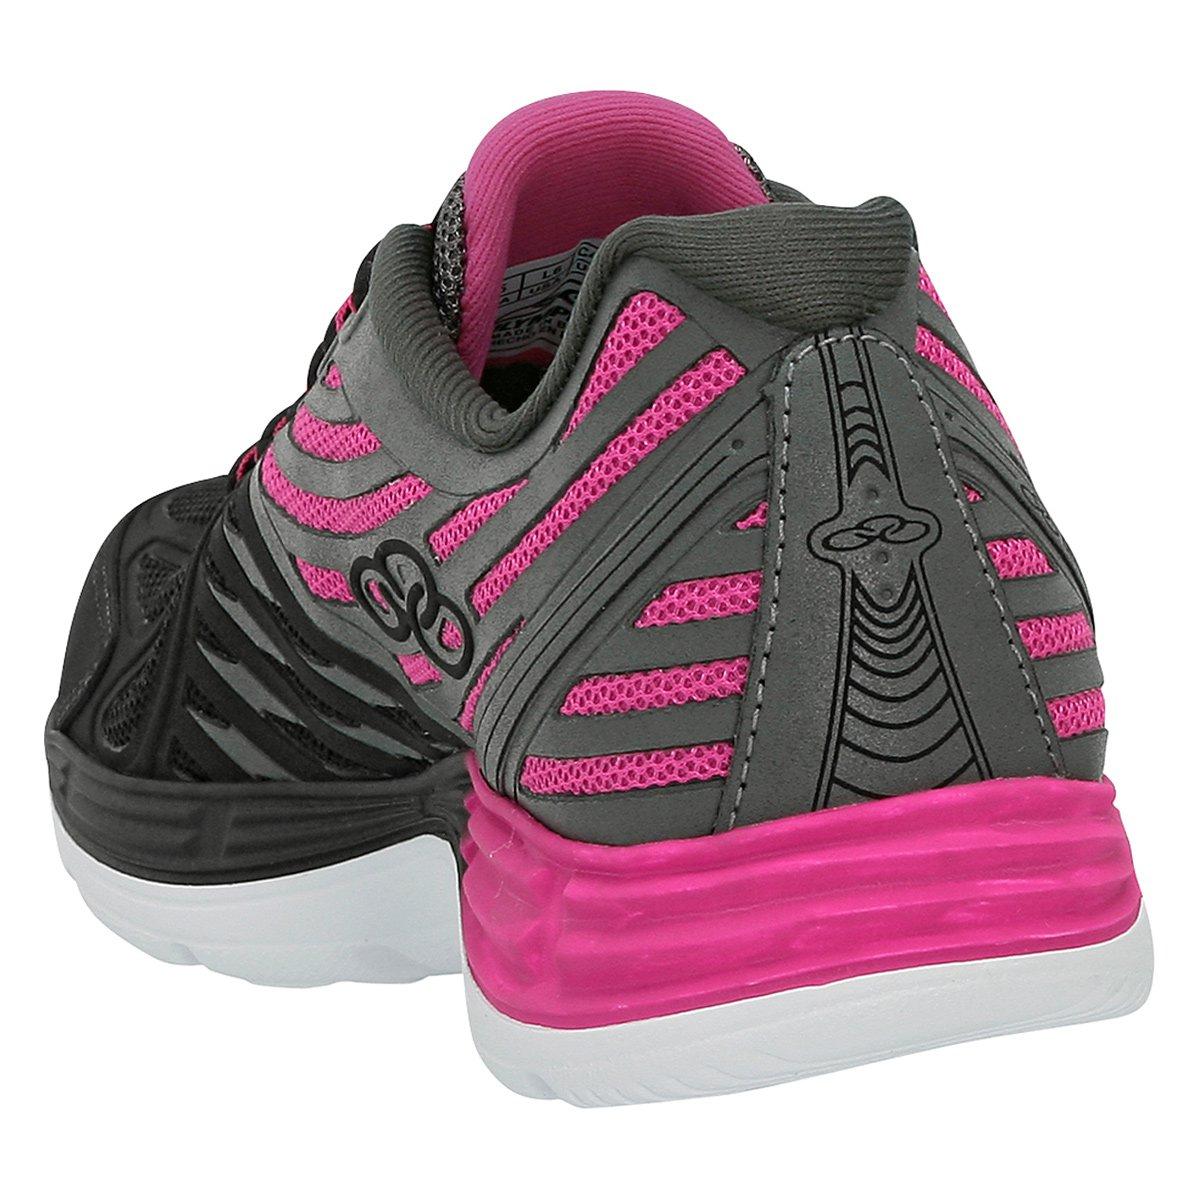 Tênis Olympikus Flix 2 Feminino - Preto e Pink - Compre Agora  ec53e782168f1